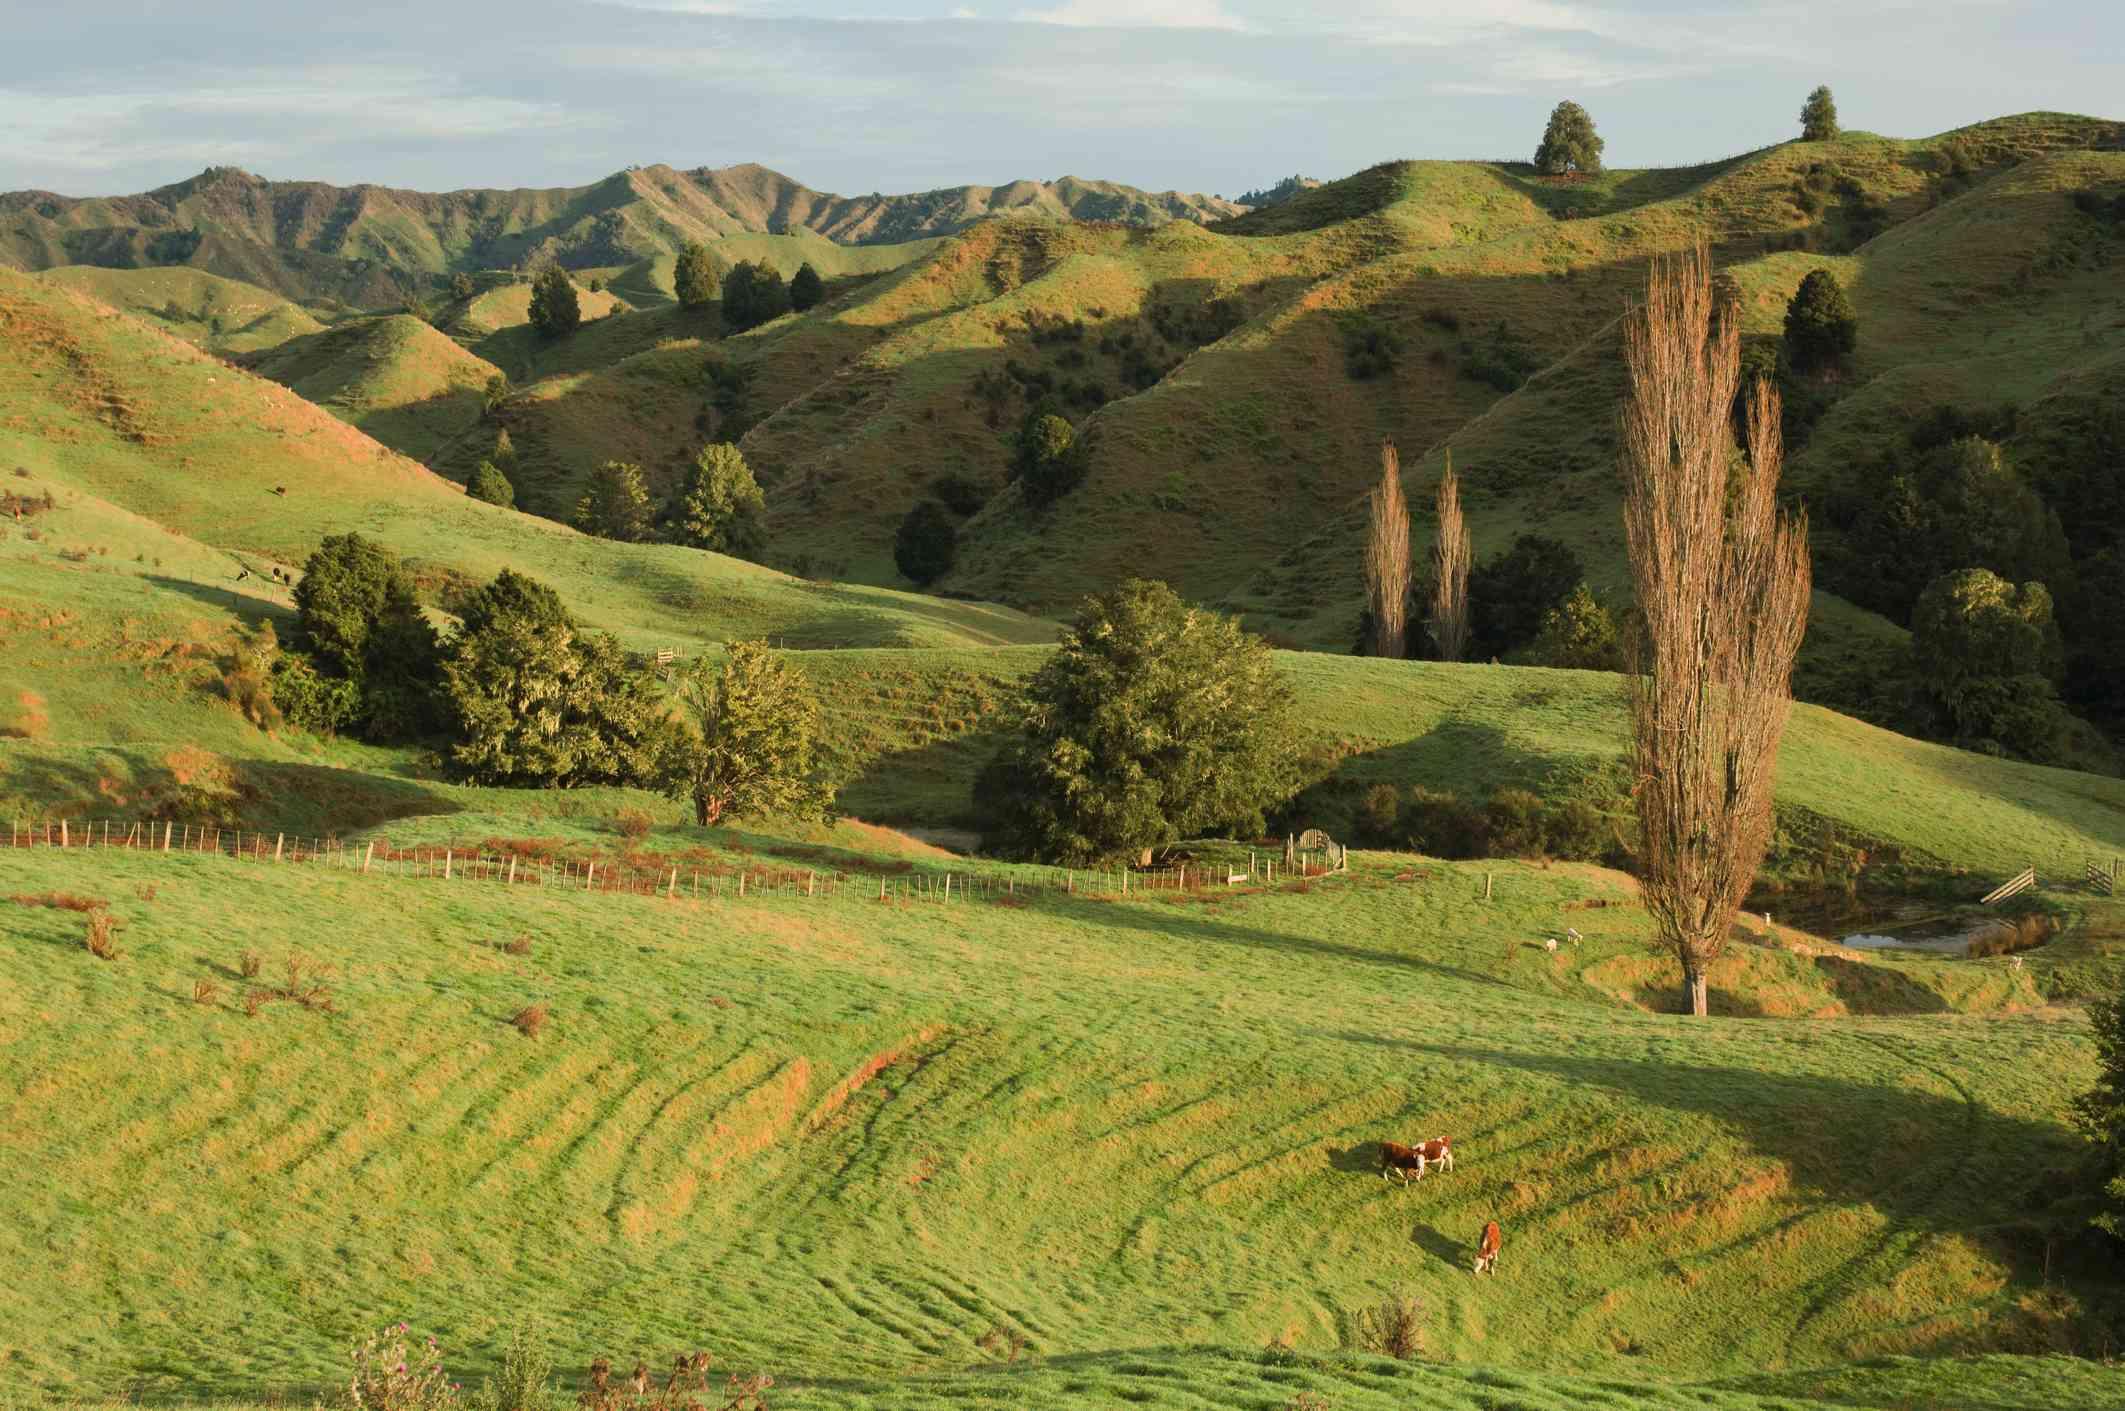 rolling green farmland with a few trees